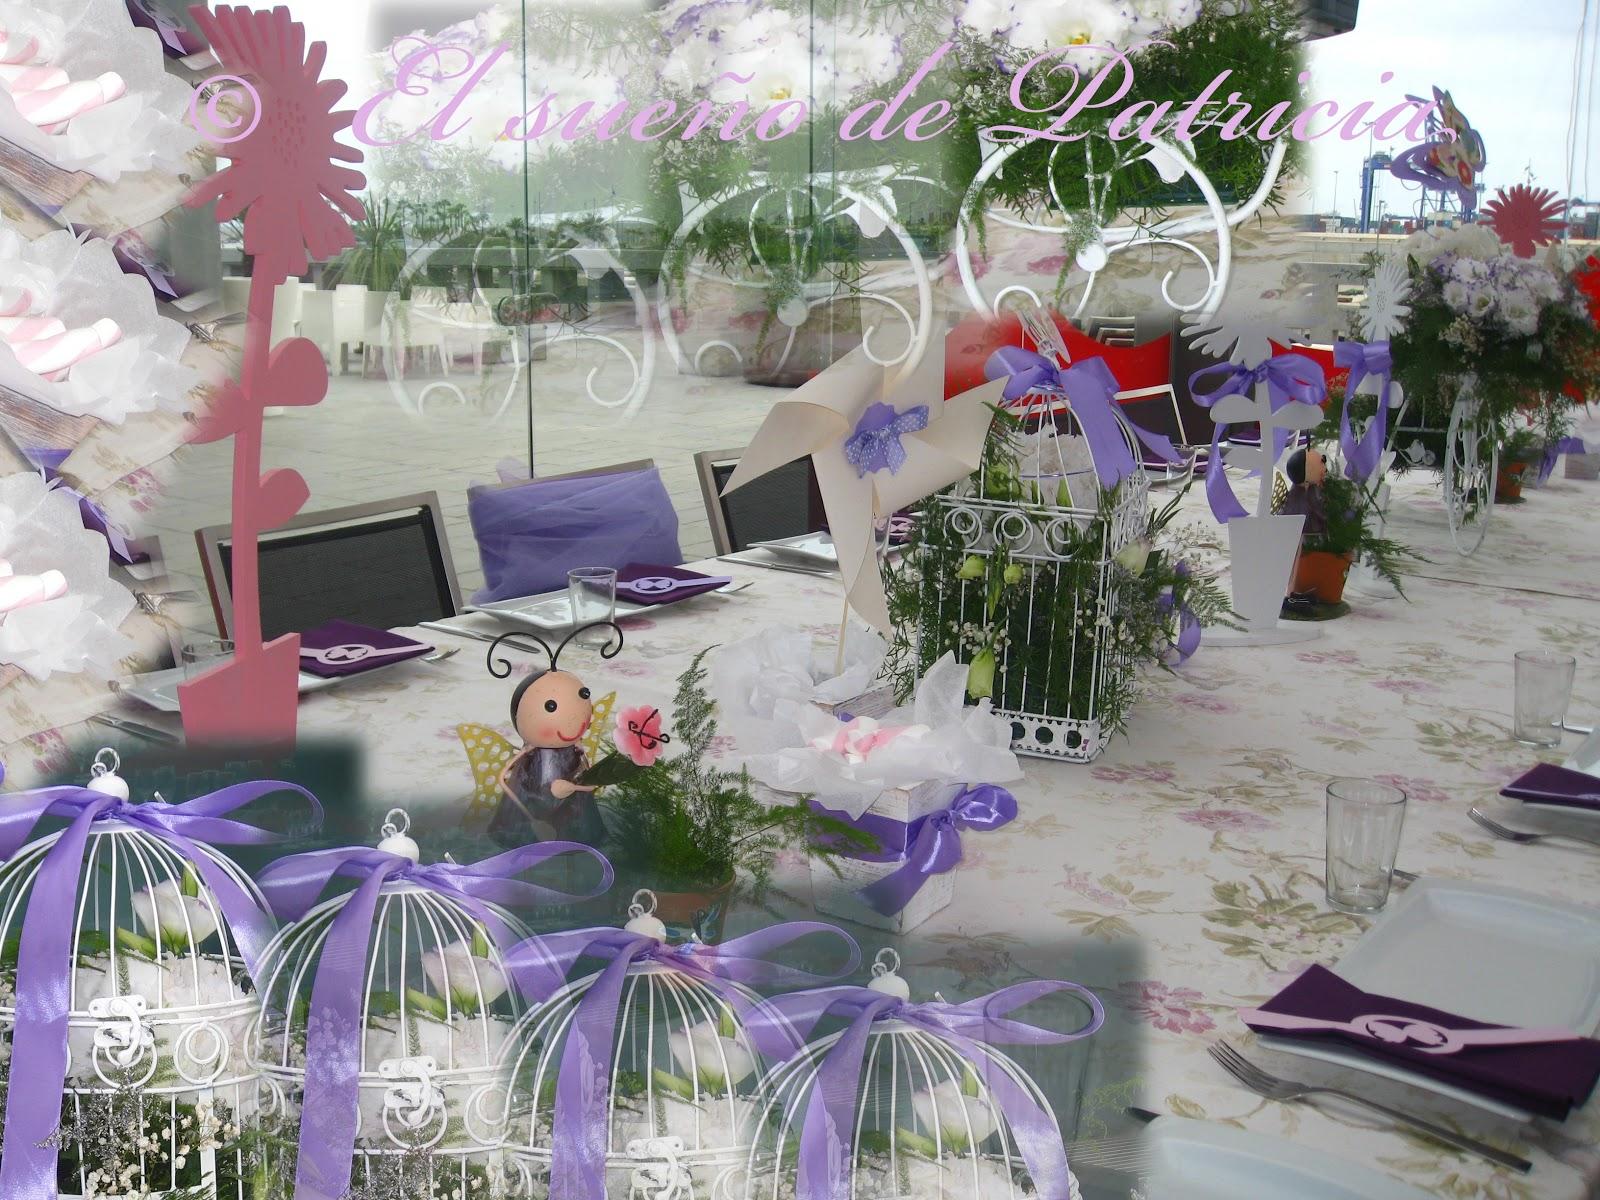 Un sue o color violeta el sue o de patricia for Decoracion mesa comunion nina